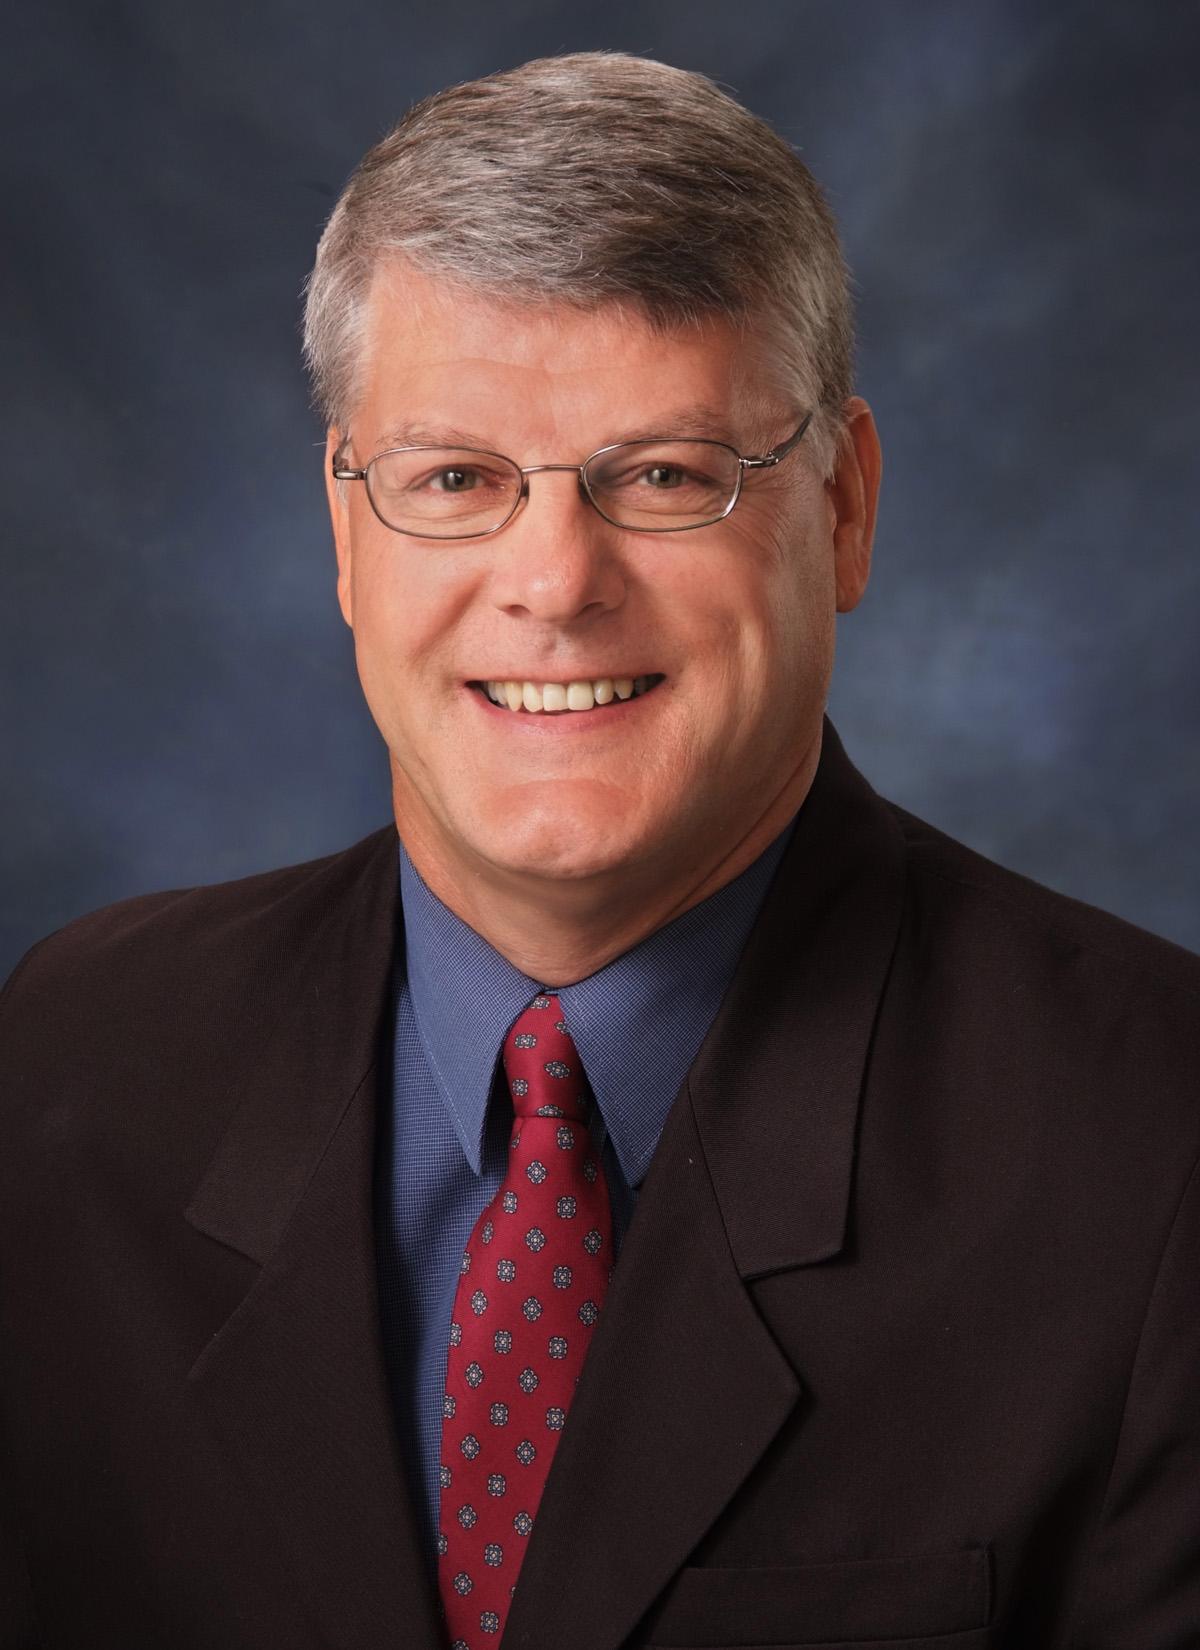 Kim Swoboda